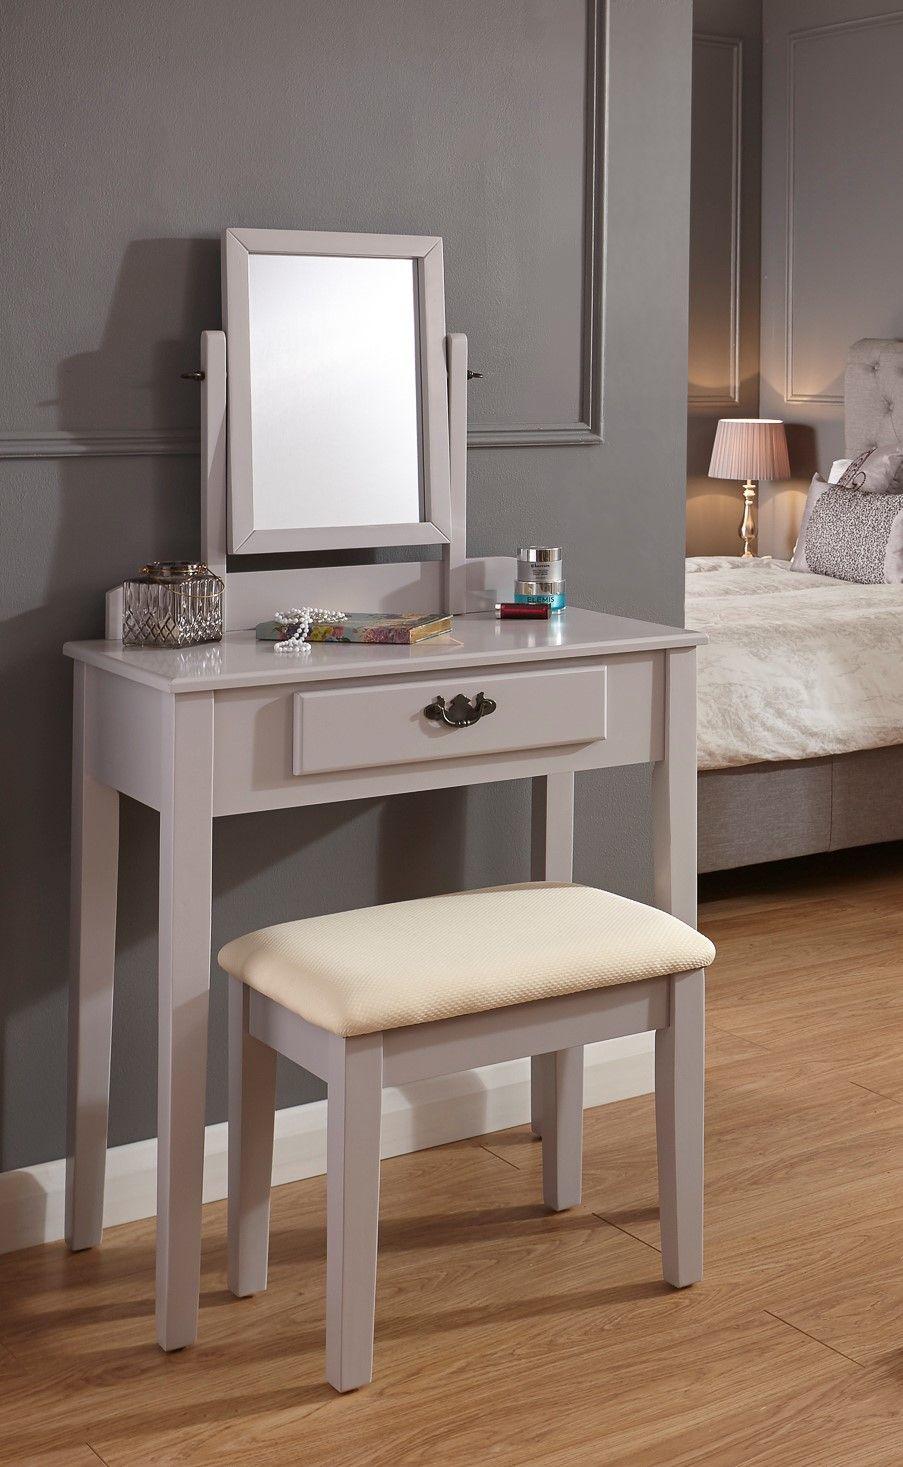 Best Schminktisch Set Gabilan Mit Spiegel Dressing Table Set 400 x 300